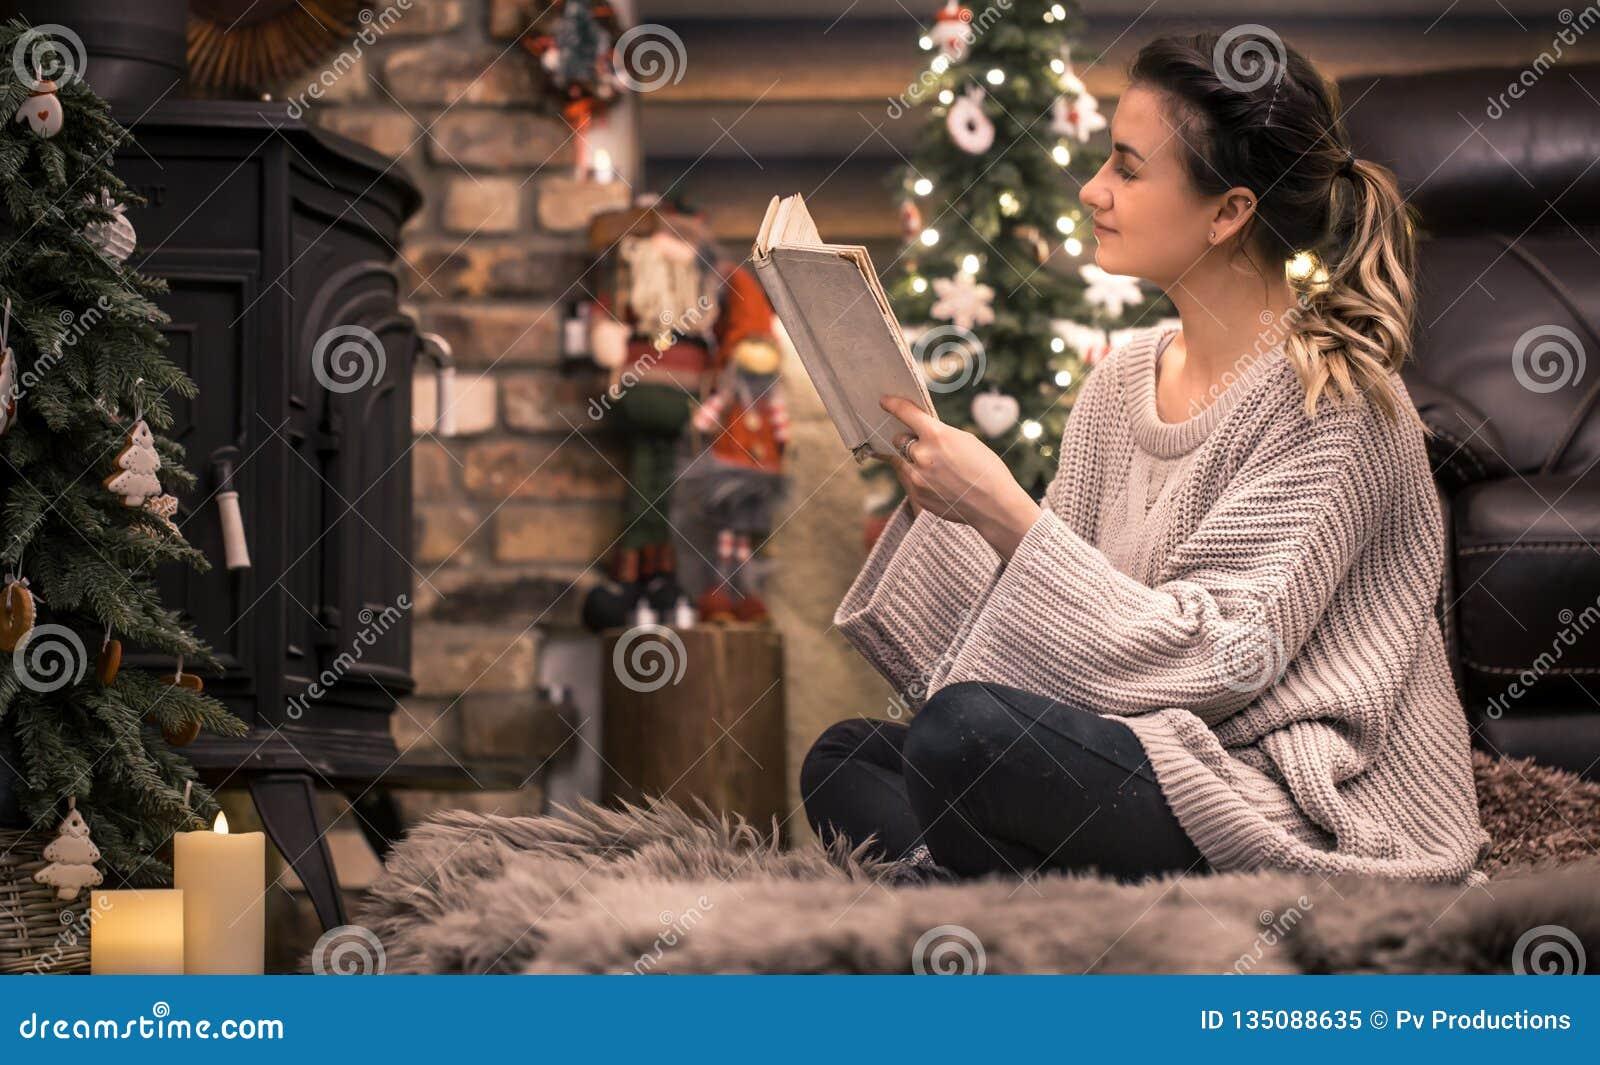 Девушка читая книгу в уютной домашней атмосфере около камина